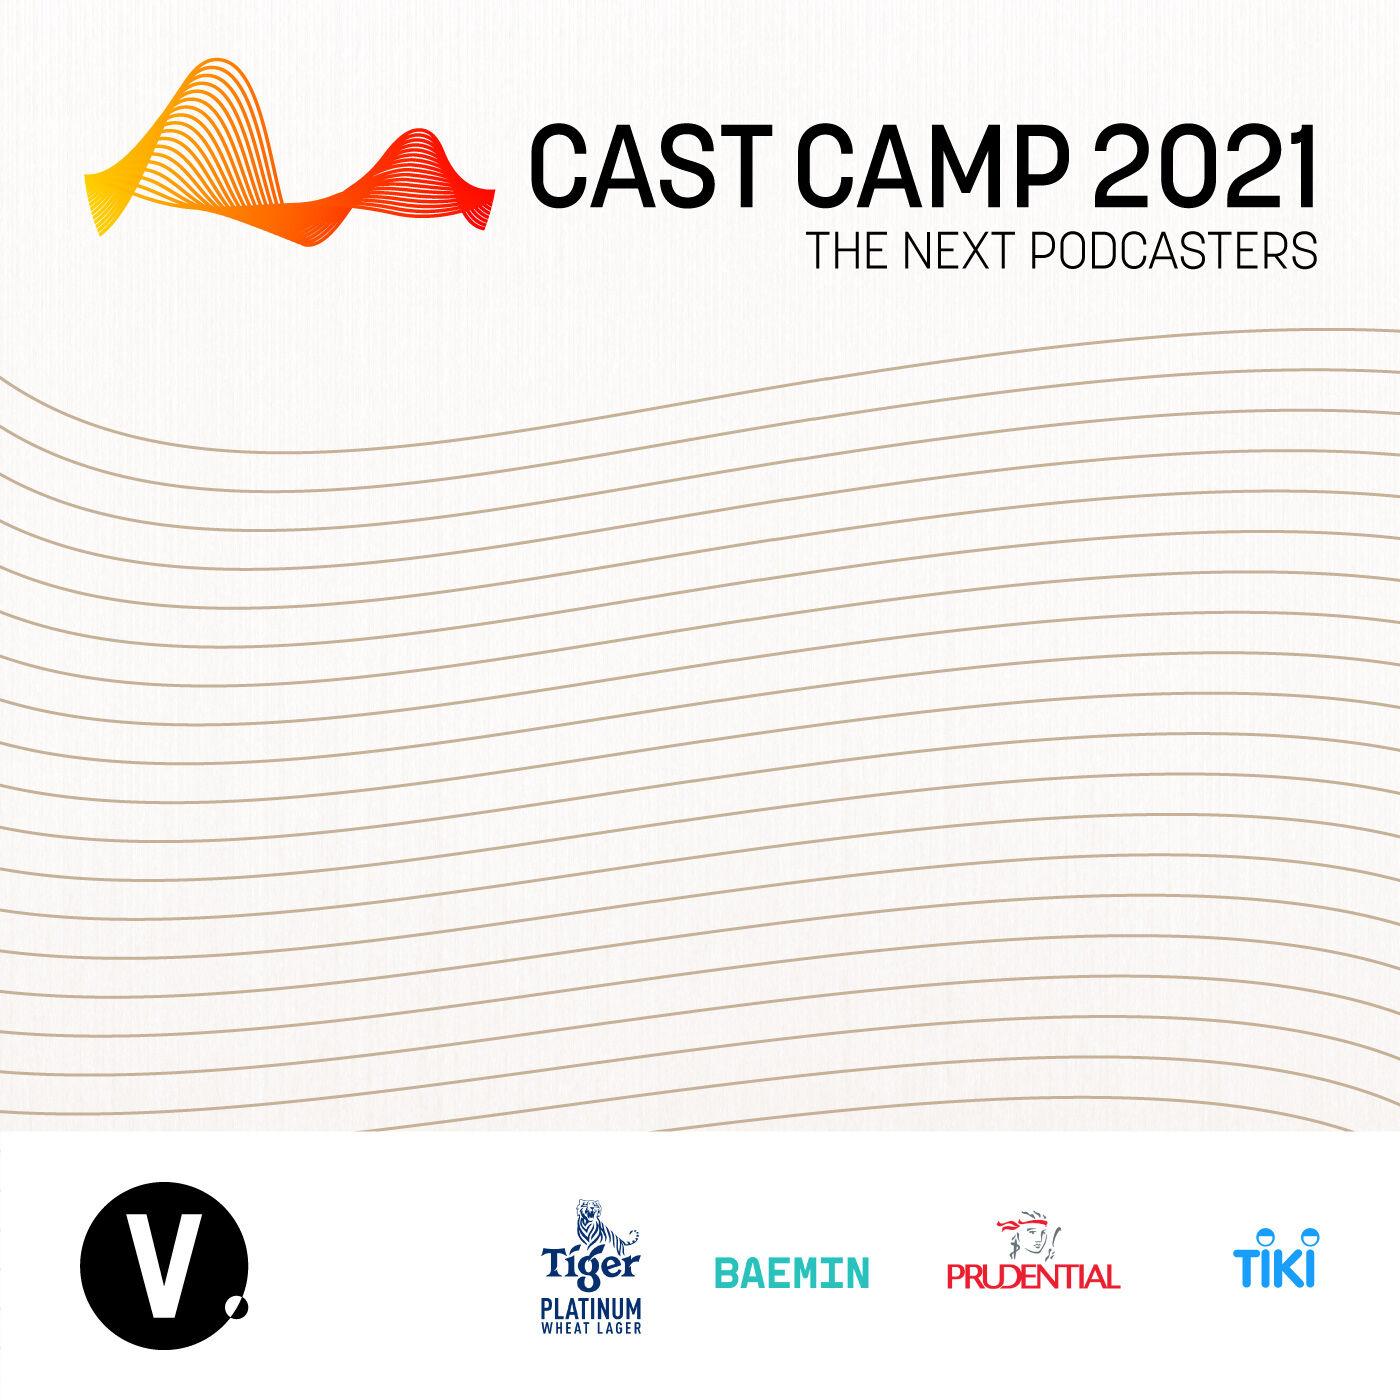 CAST CAMP 2021